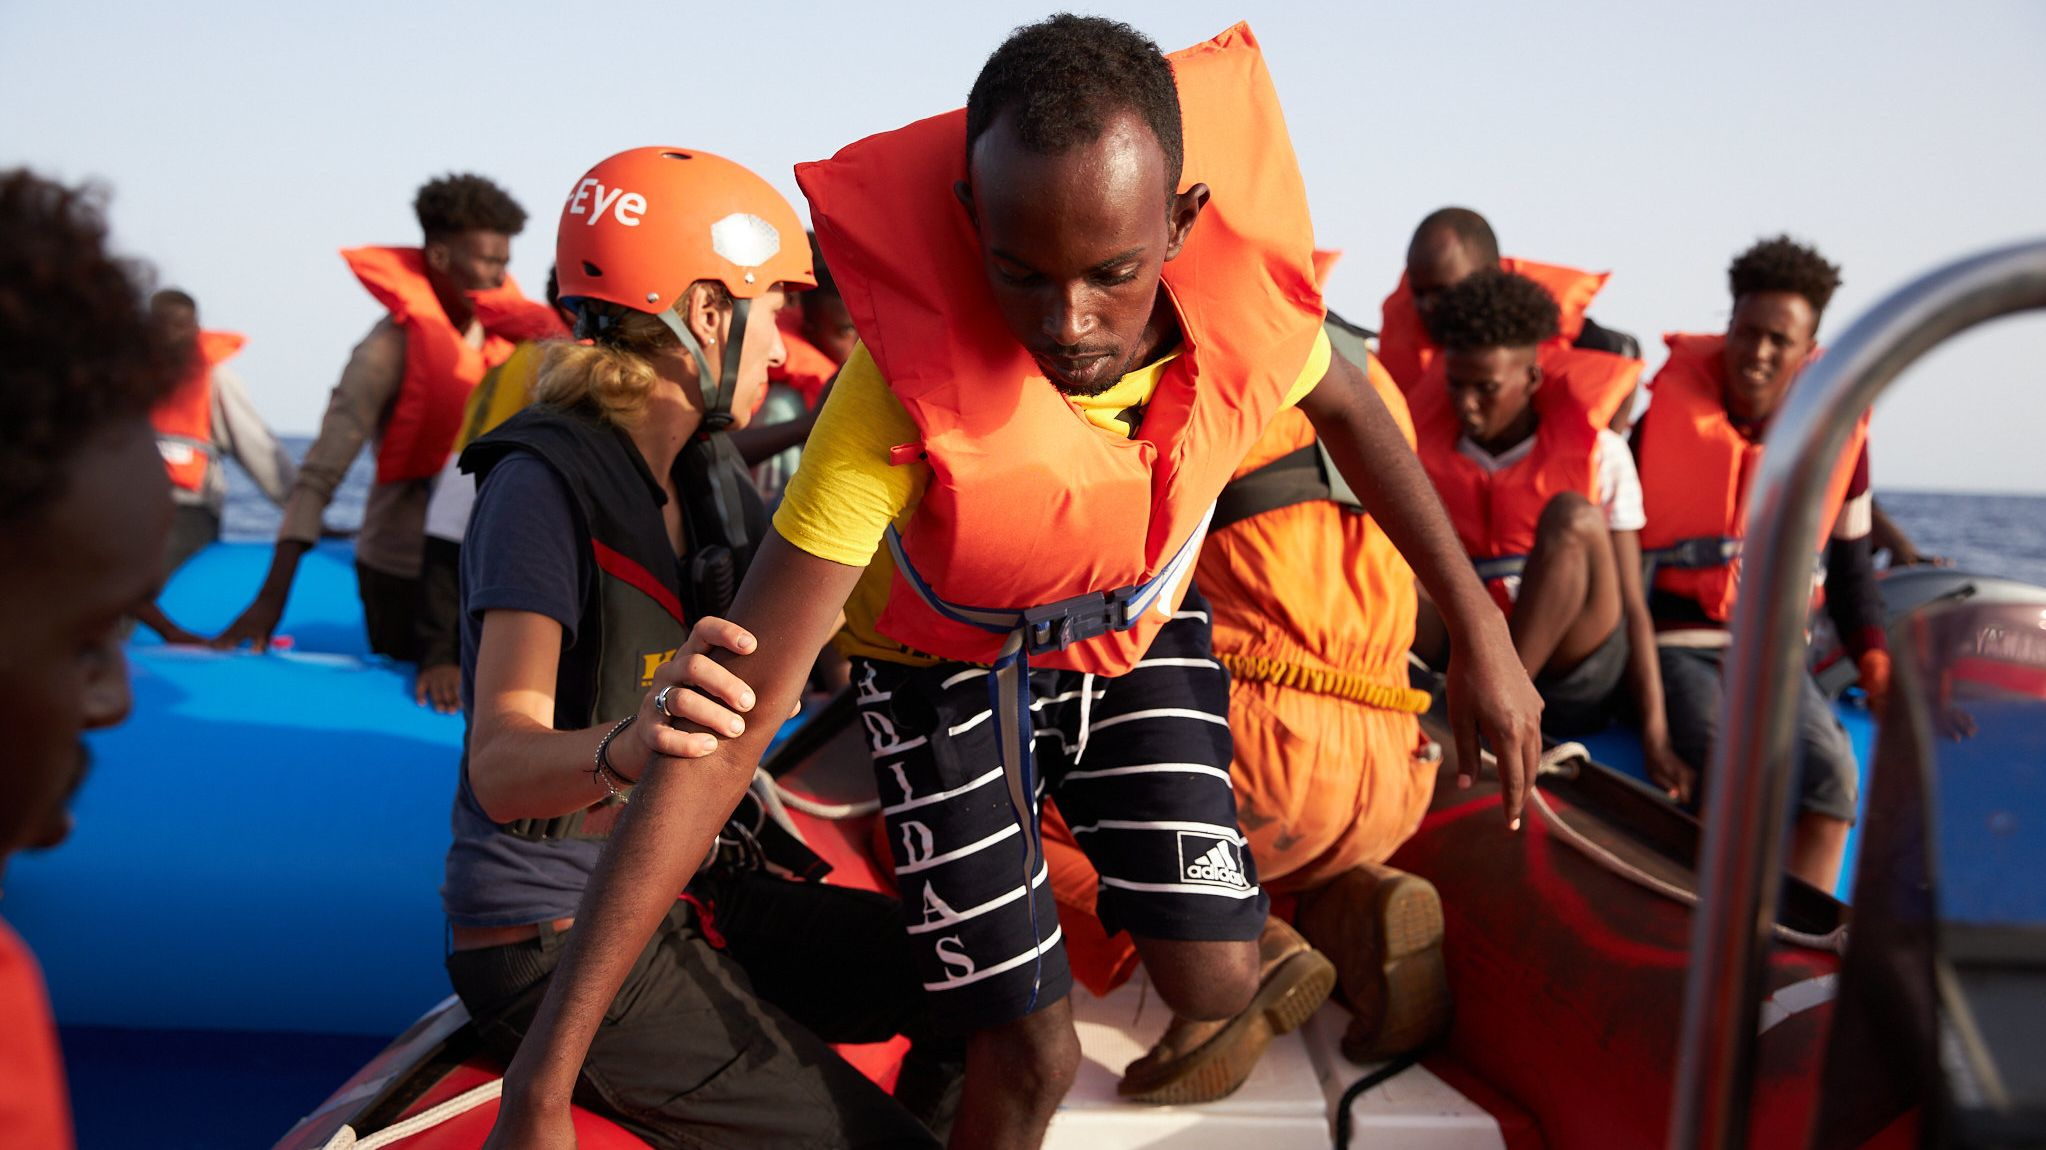 """Flüchtlinge verlassenen vor der Küste von Libyen ihr Schlauchboot und gehen an Bord der """"Alan Kurdi"""" der Rettungsorganisation Sea-Eye"""